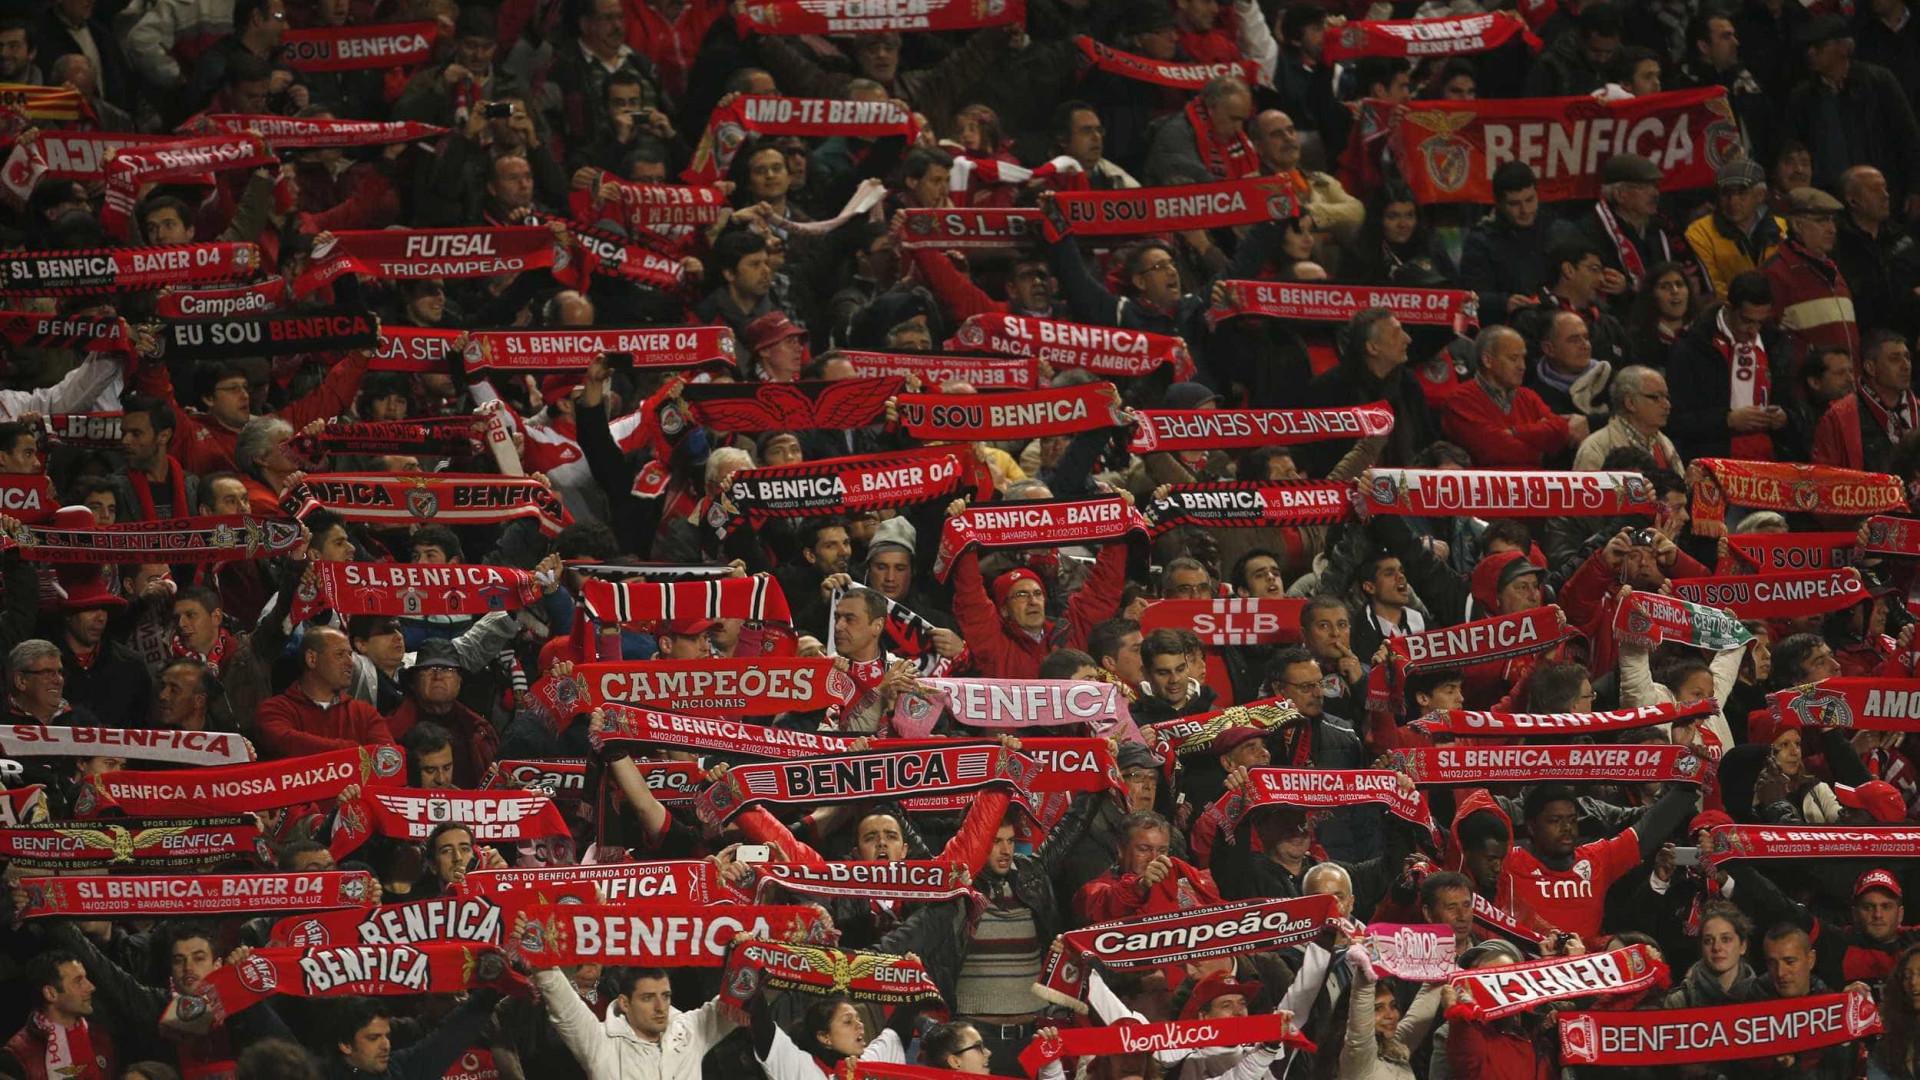 'Novo Apito Dourado': AF de Braga leva Benfica ao Ministério Público